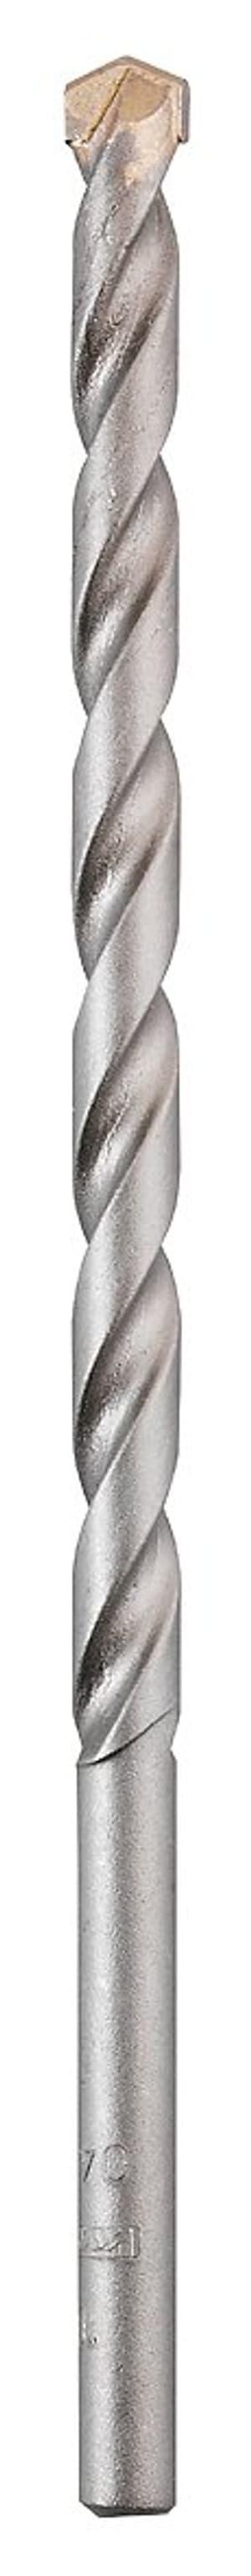 Mauerdurchbruchbohrer, 400 mm, ø 8 mm